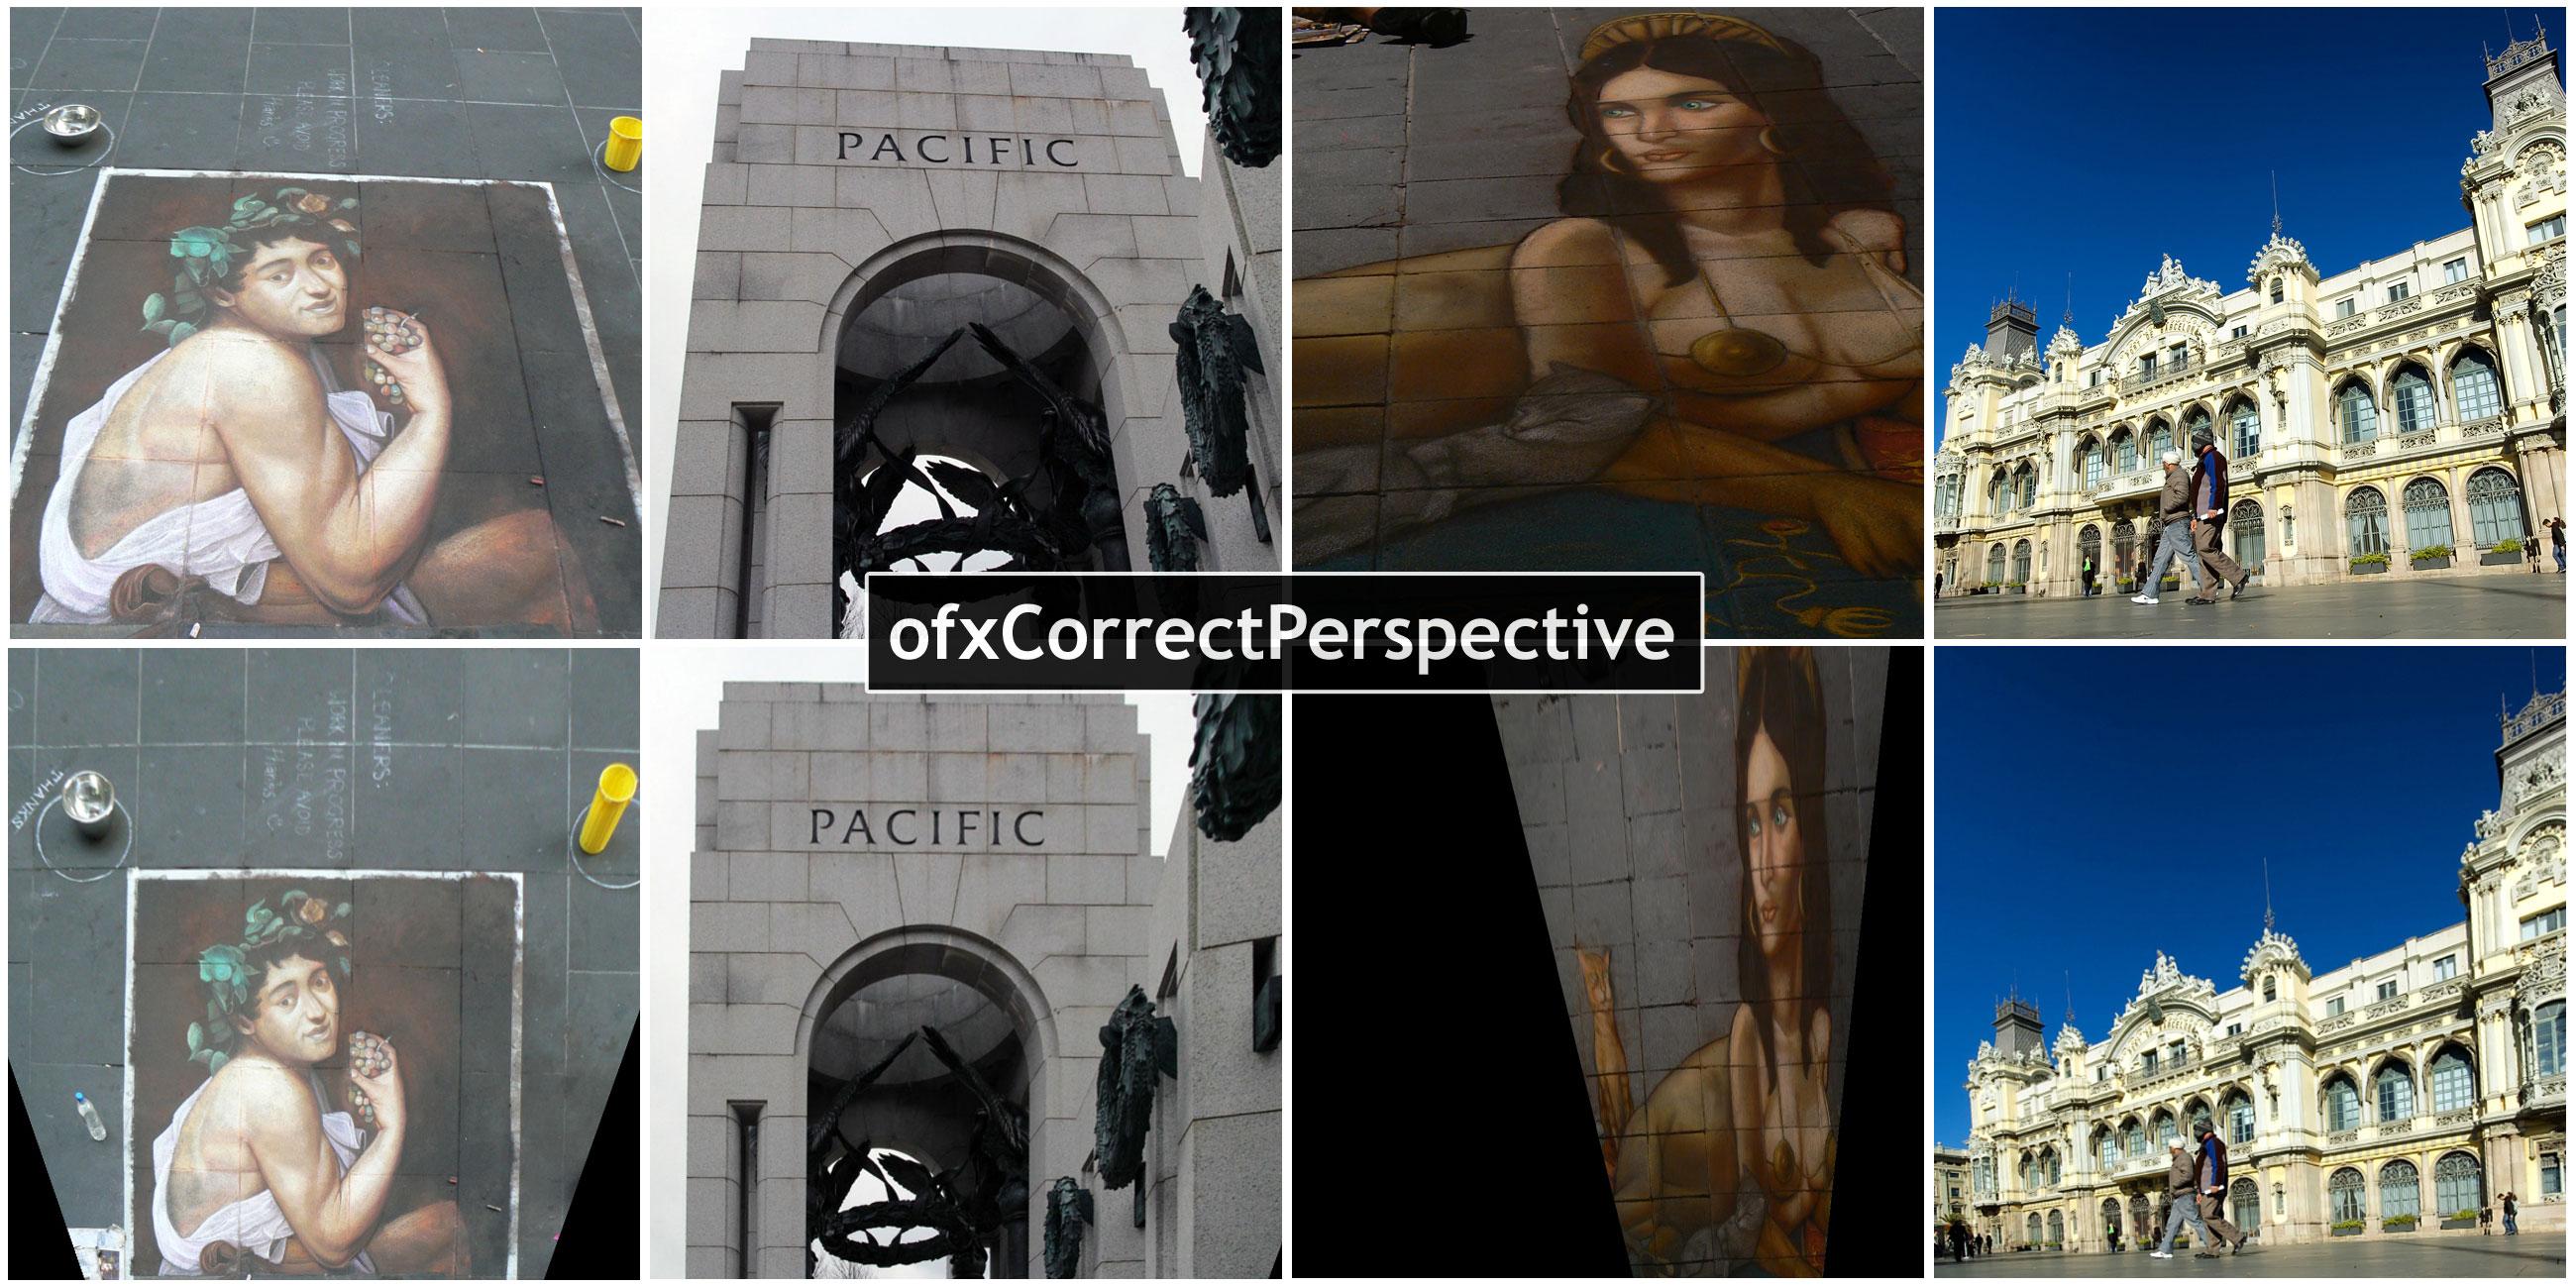 image1_ofxCP-c